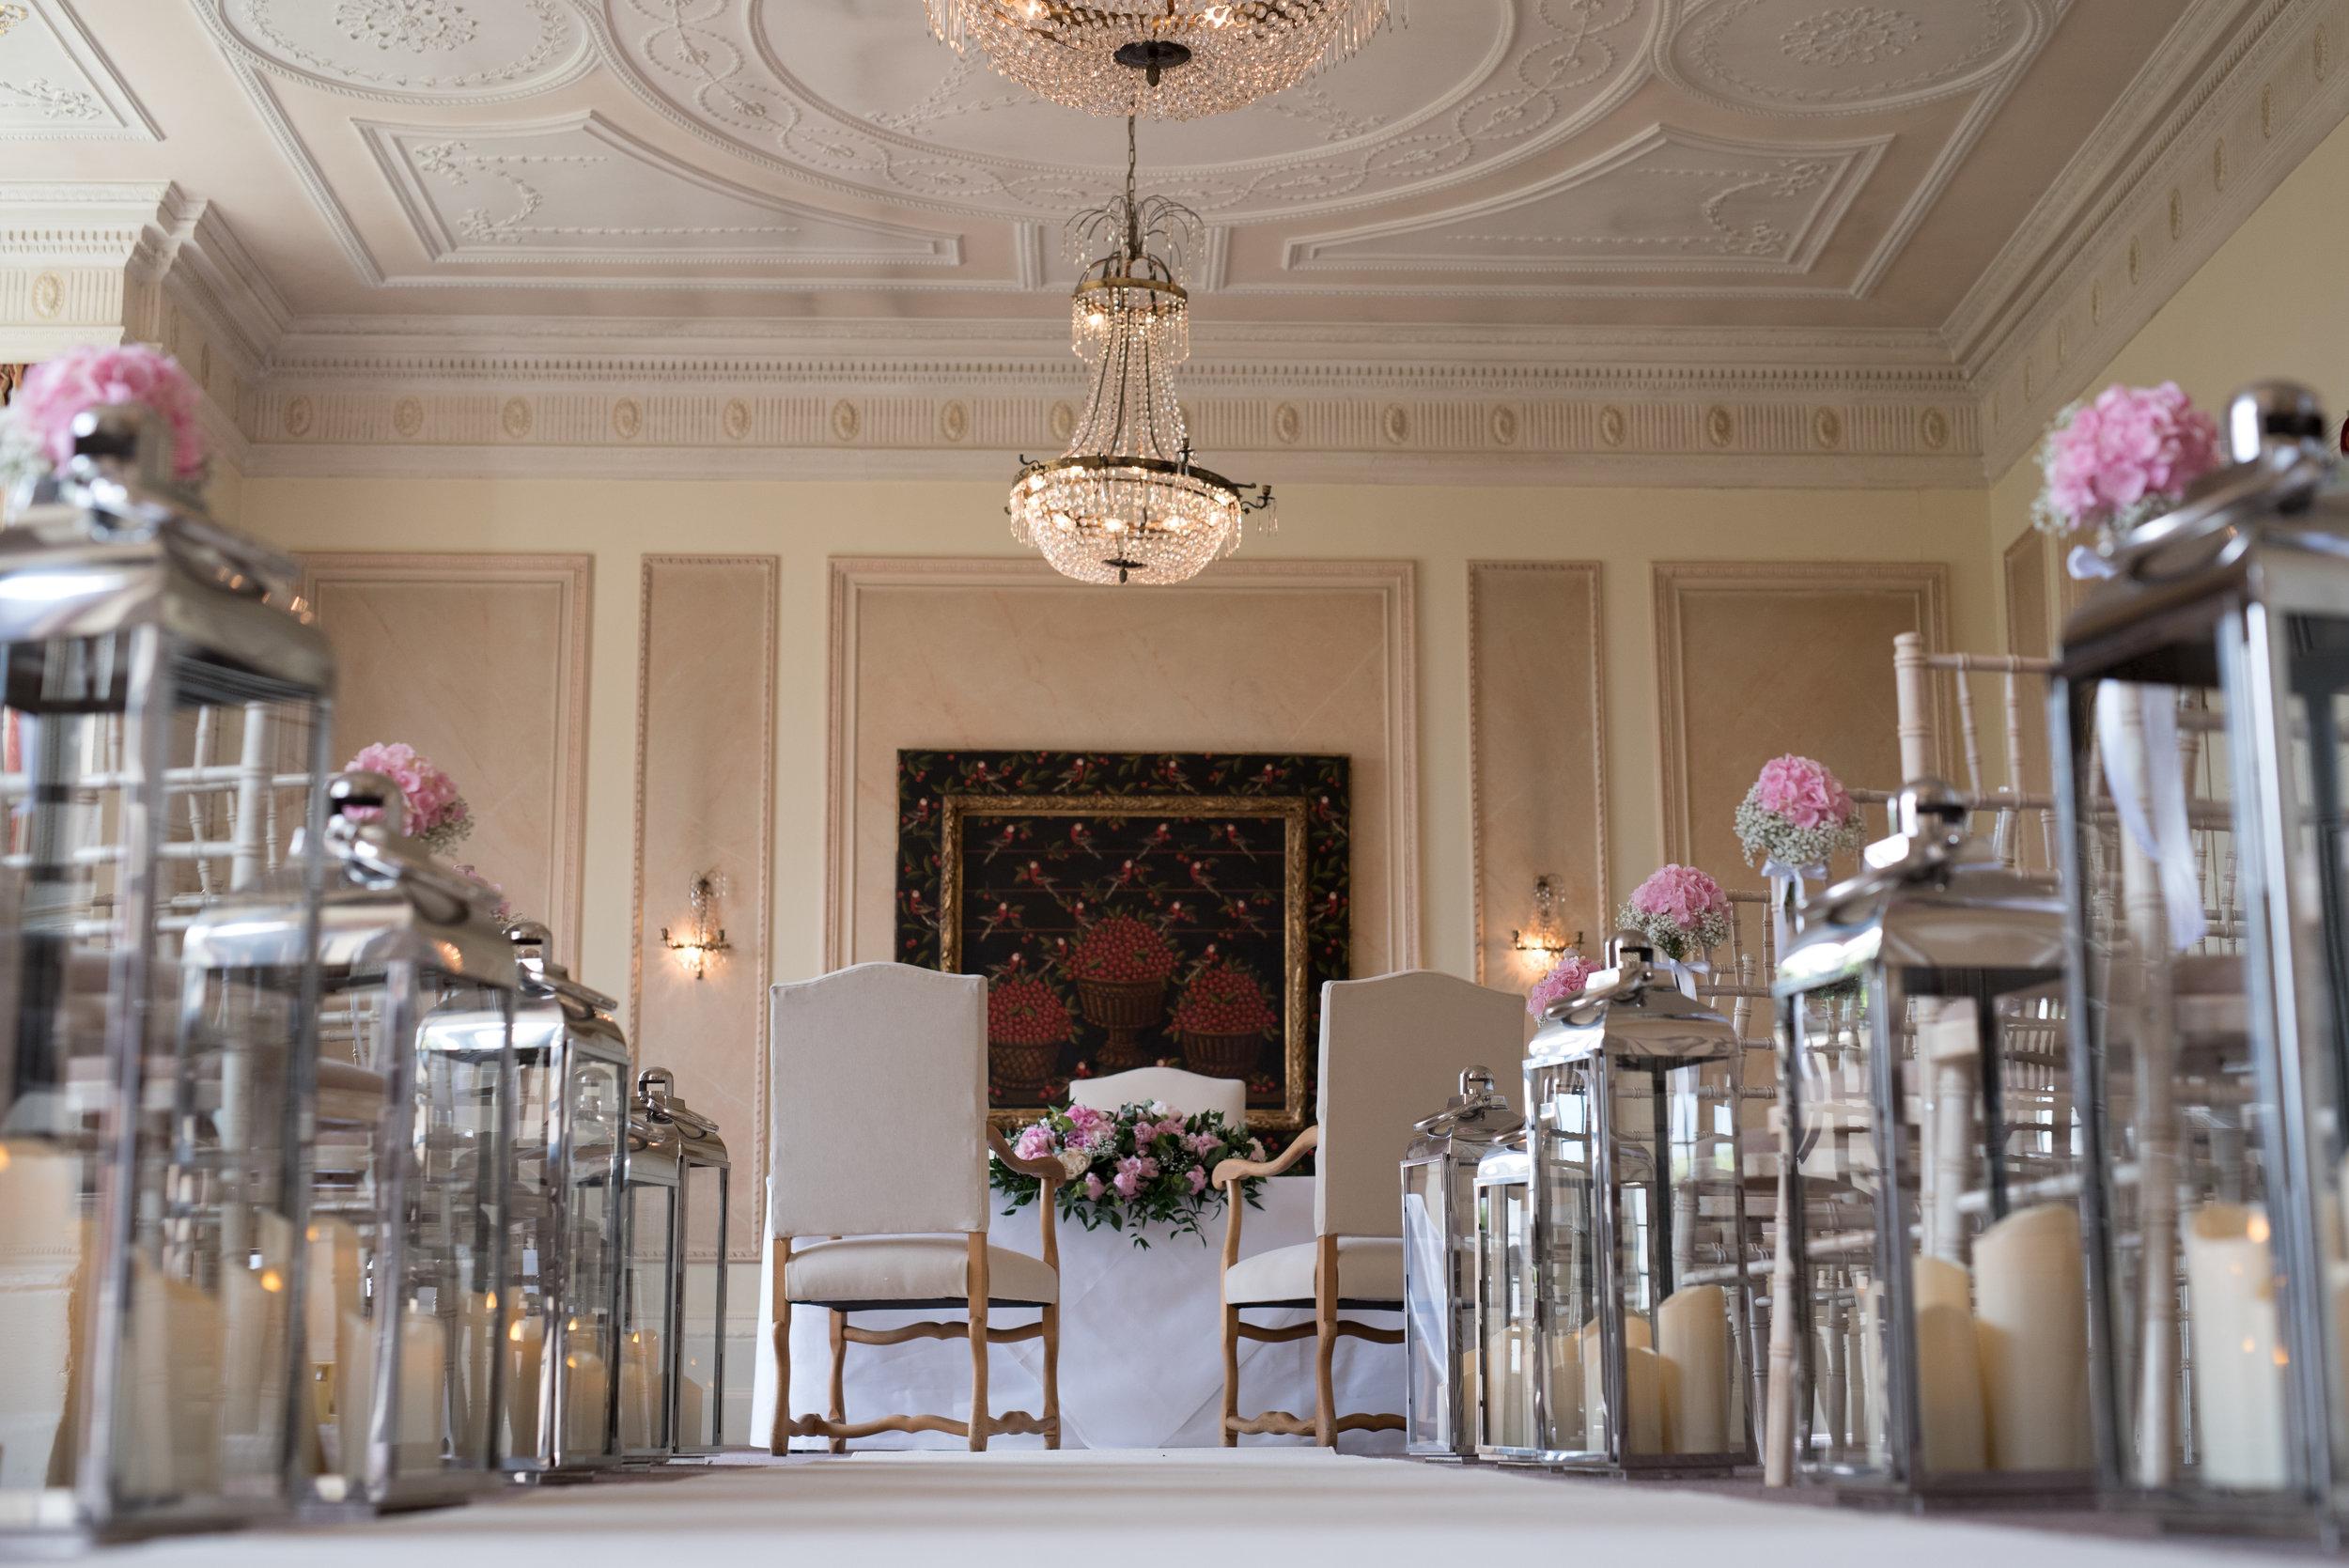 Danesfield House wedding, Danesfield House wedding photographer, Danesfield House wedding photography, High Wycombe wedding, Marlow wedding